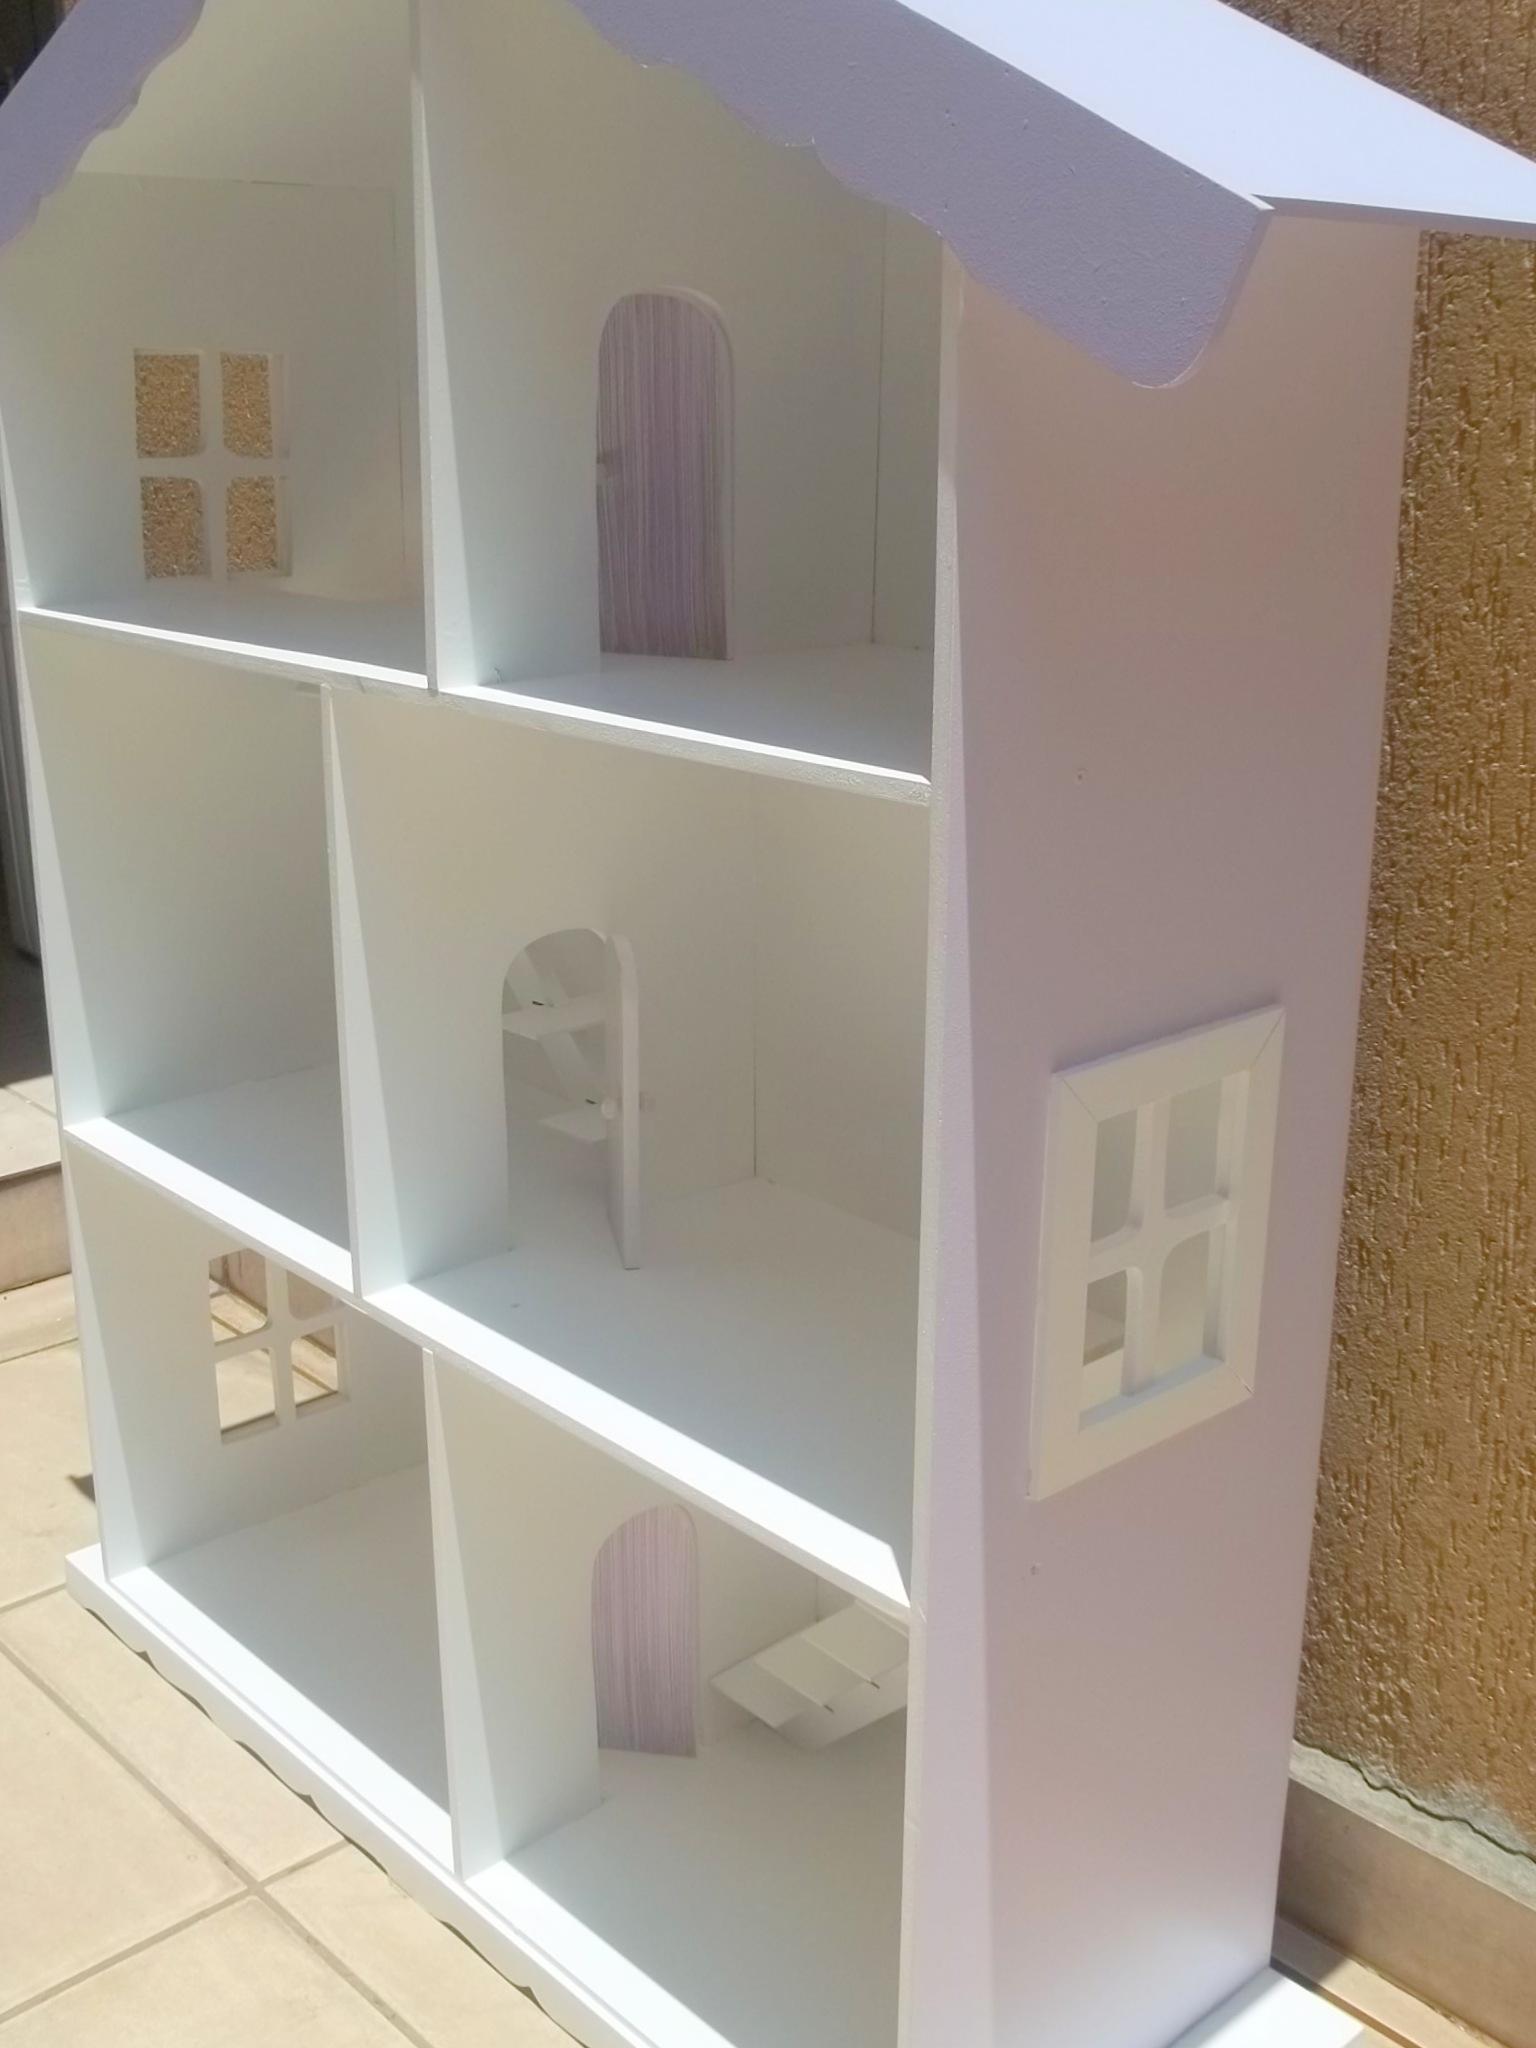 casa de madeira para barbie pintada casinha de madeira #695035 1536x2048 Banheiro Da Barbie De Papelão